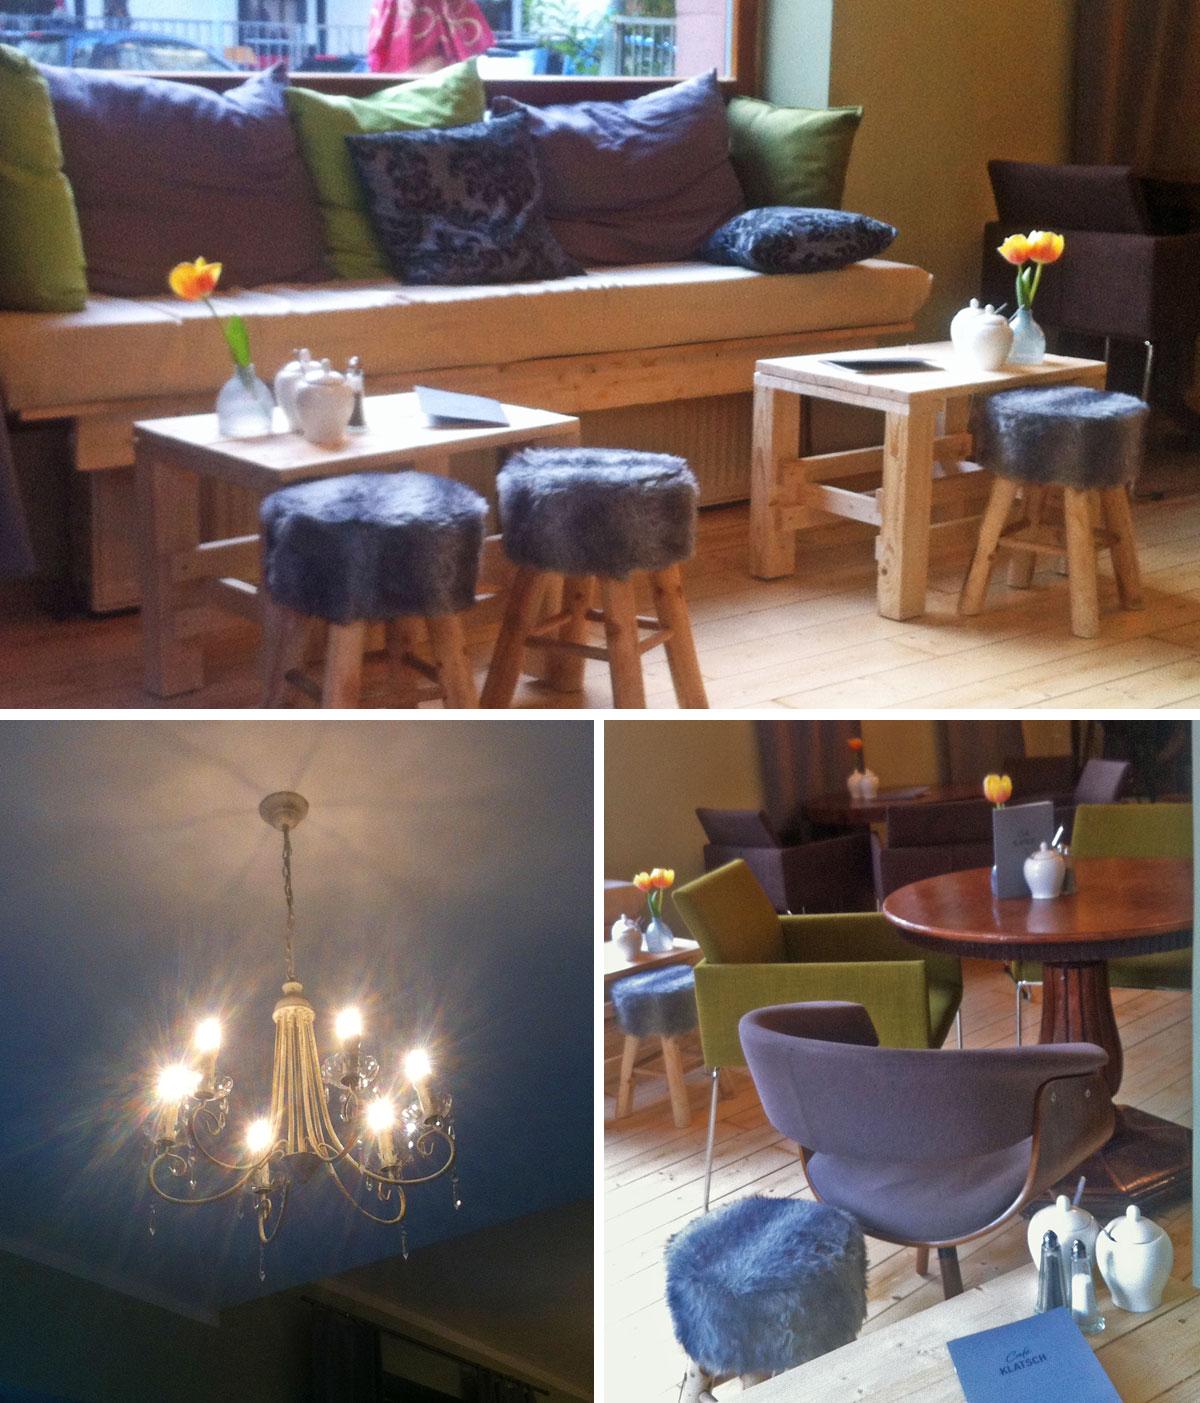 CAFÉ KLATSCH IN DER MAINKURSTRASSE IN FRANKFURT-BORNHEIM